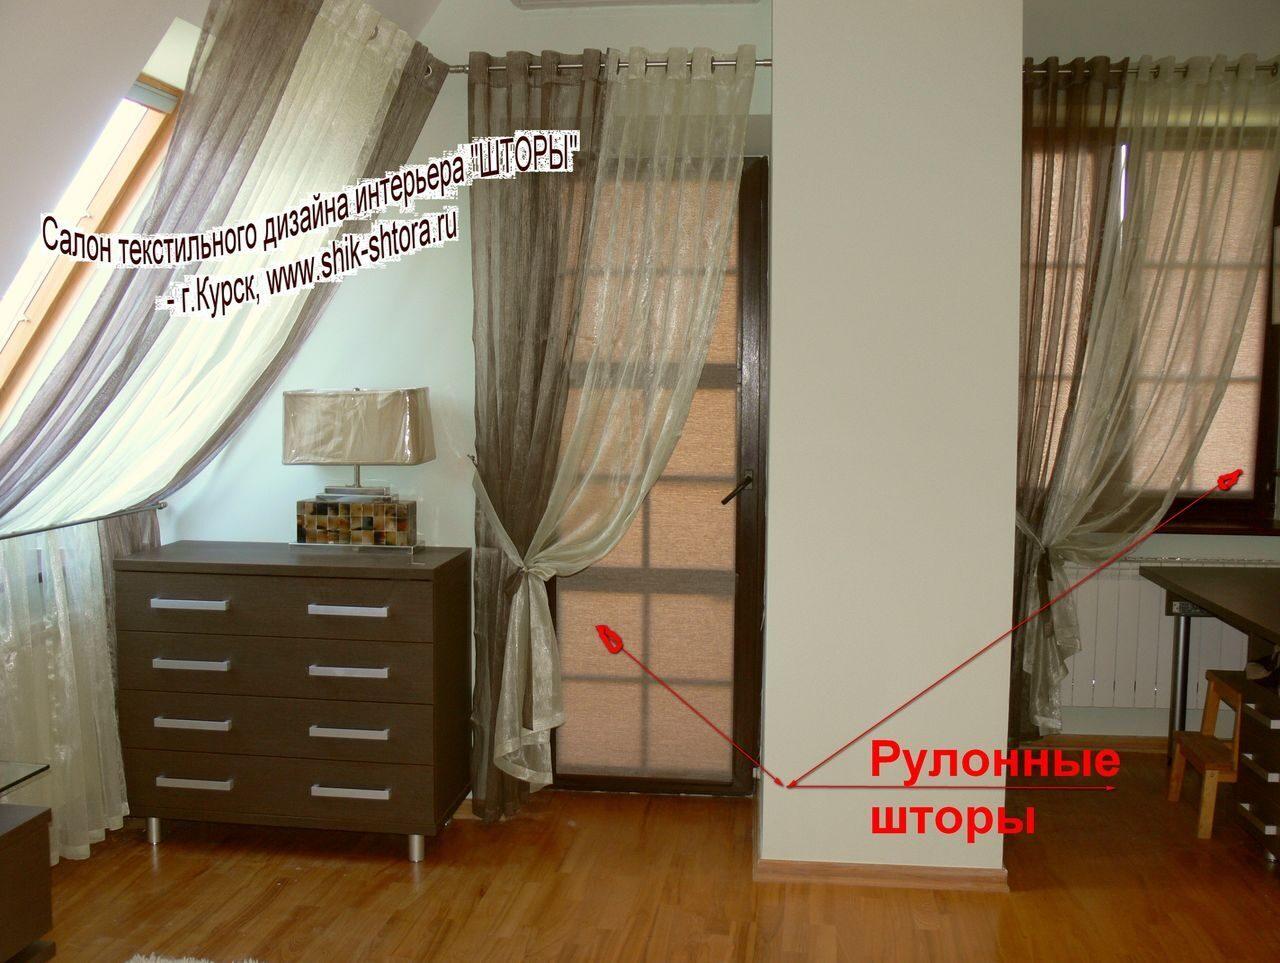 Как подобрать шторы на дверь: идеи для любой комнаты (+42 фо.